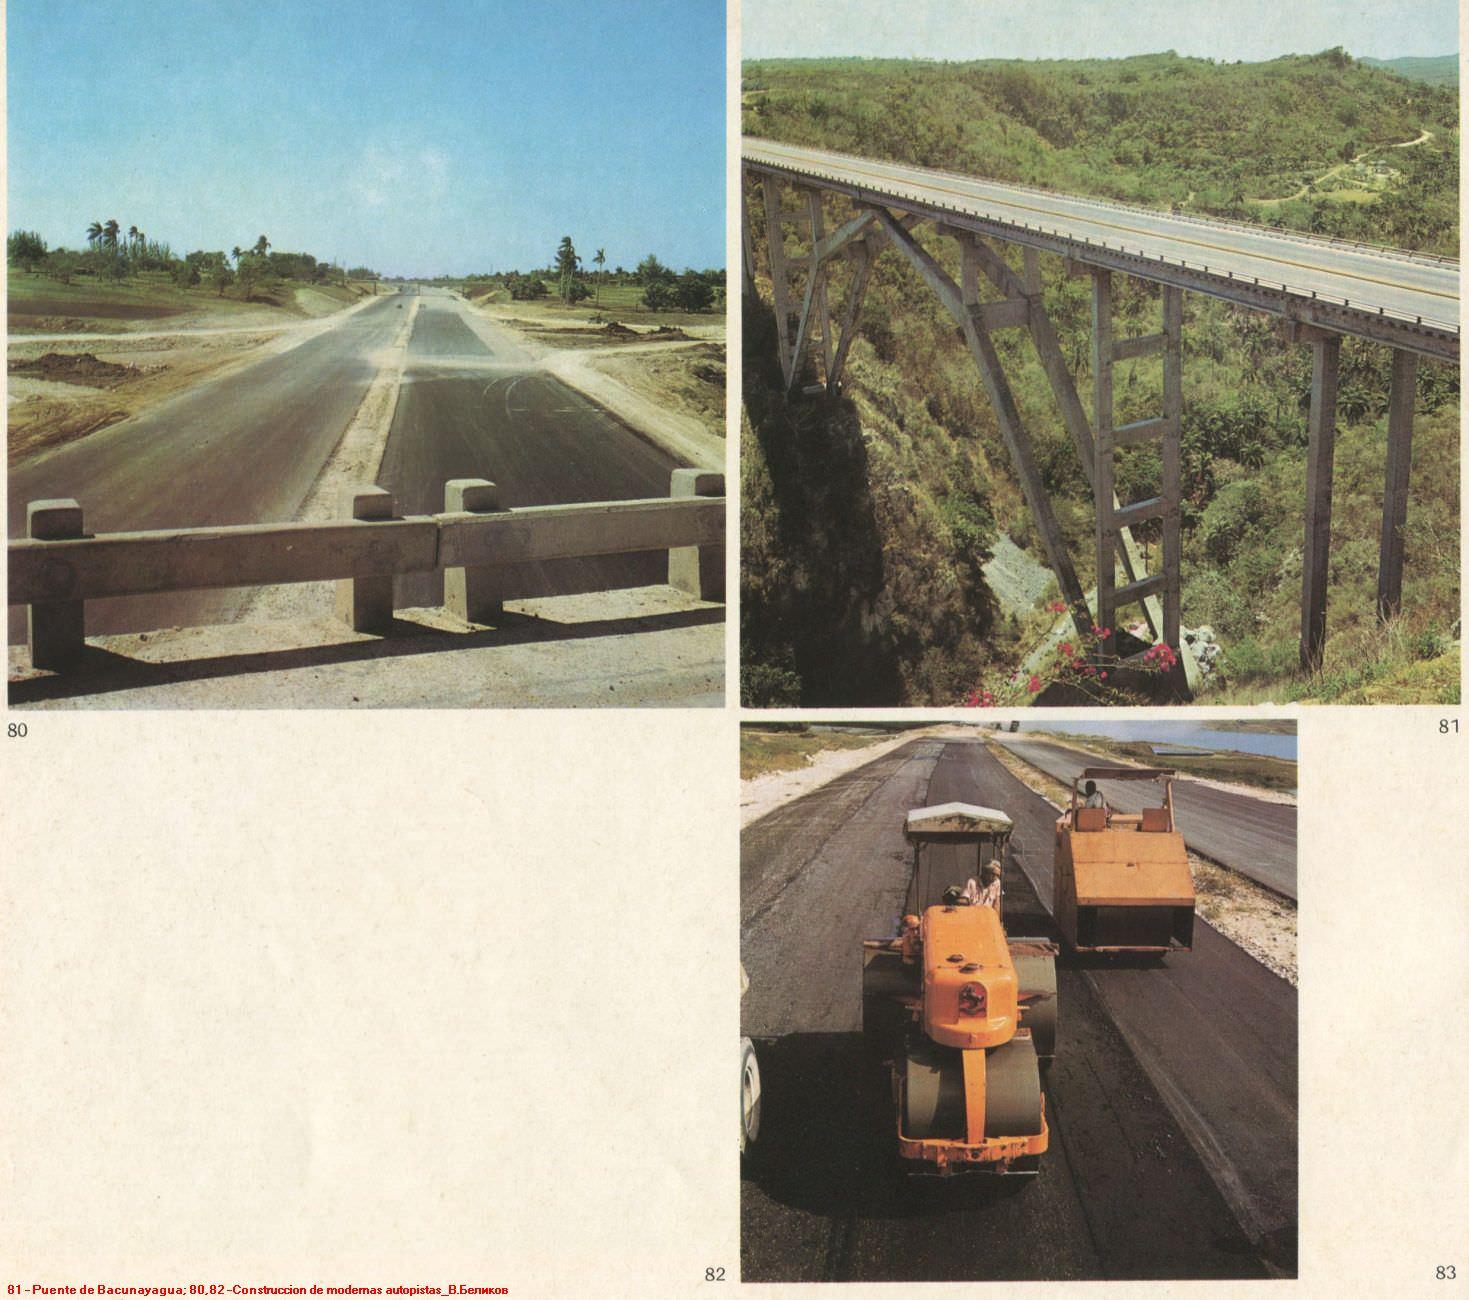 081. Puente de Bacunayagua. 080,082 - Construccion de modernas autopistas